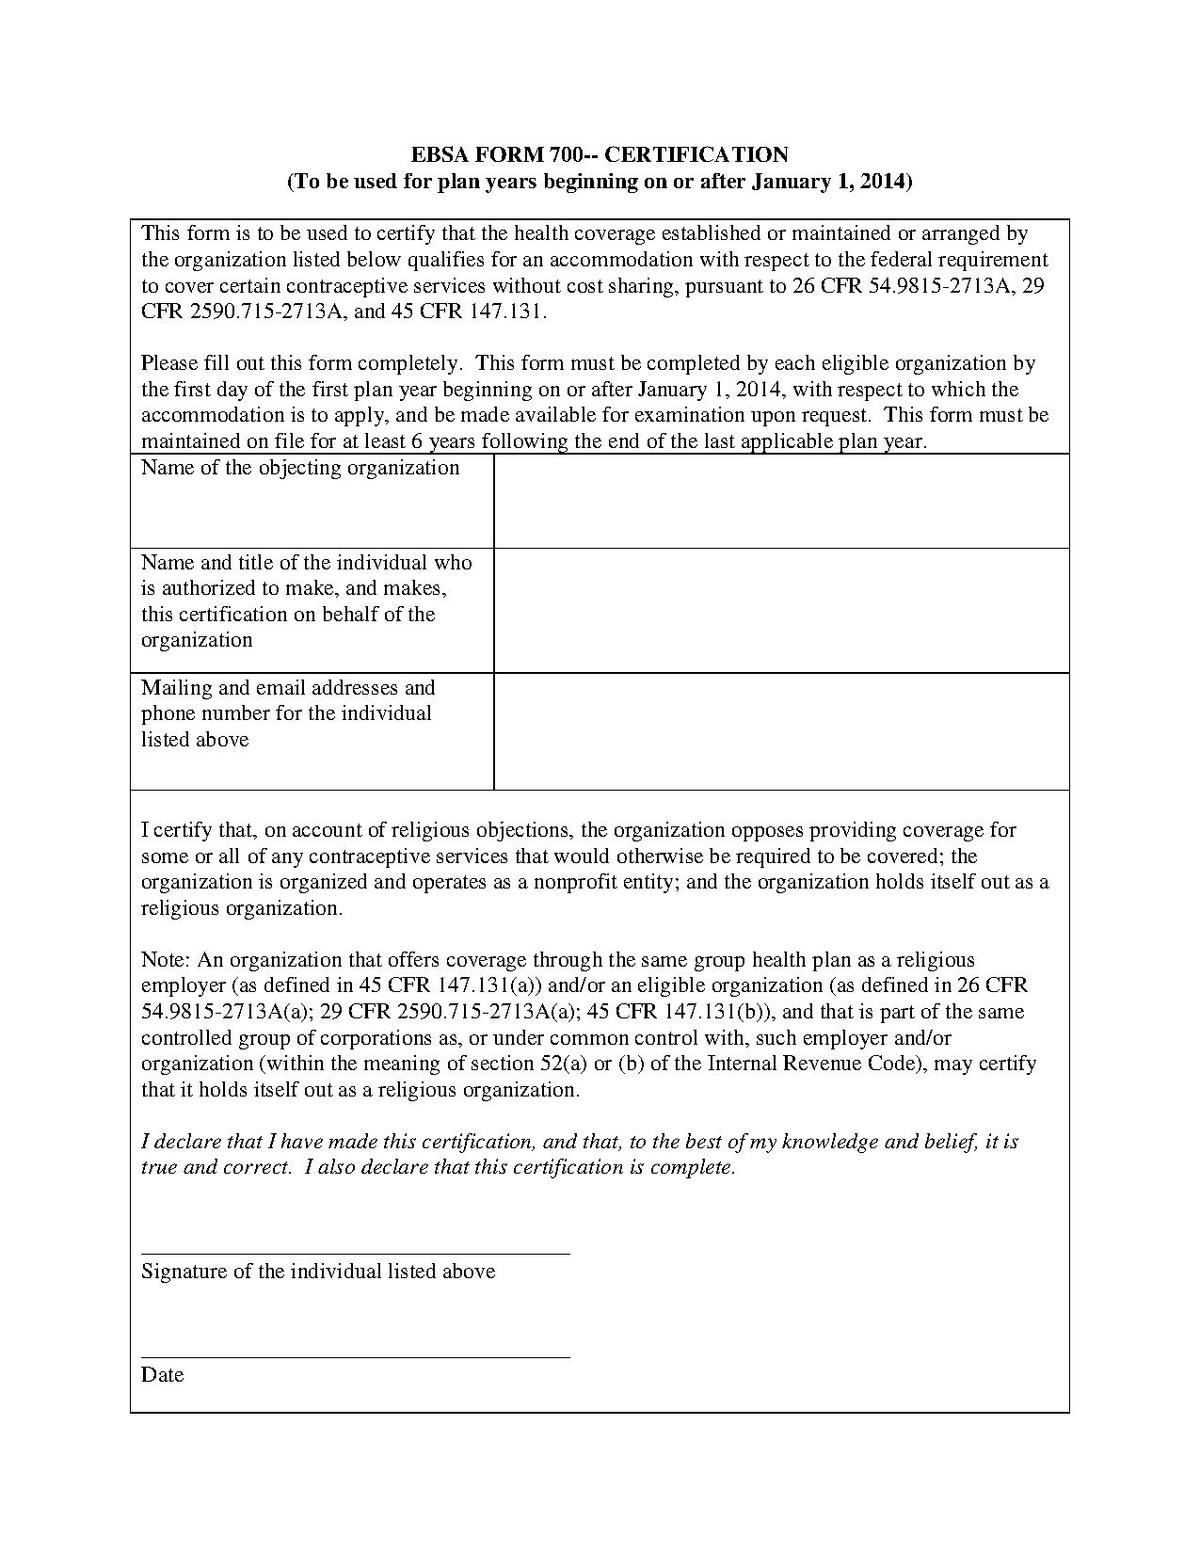 EBSA Form 700 - Wikipedia